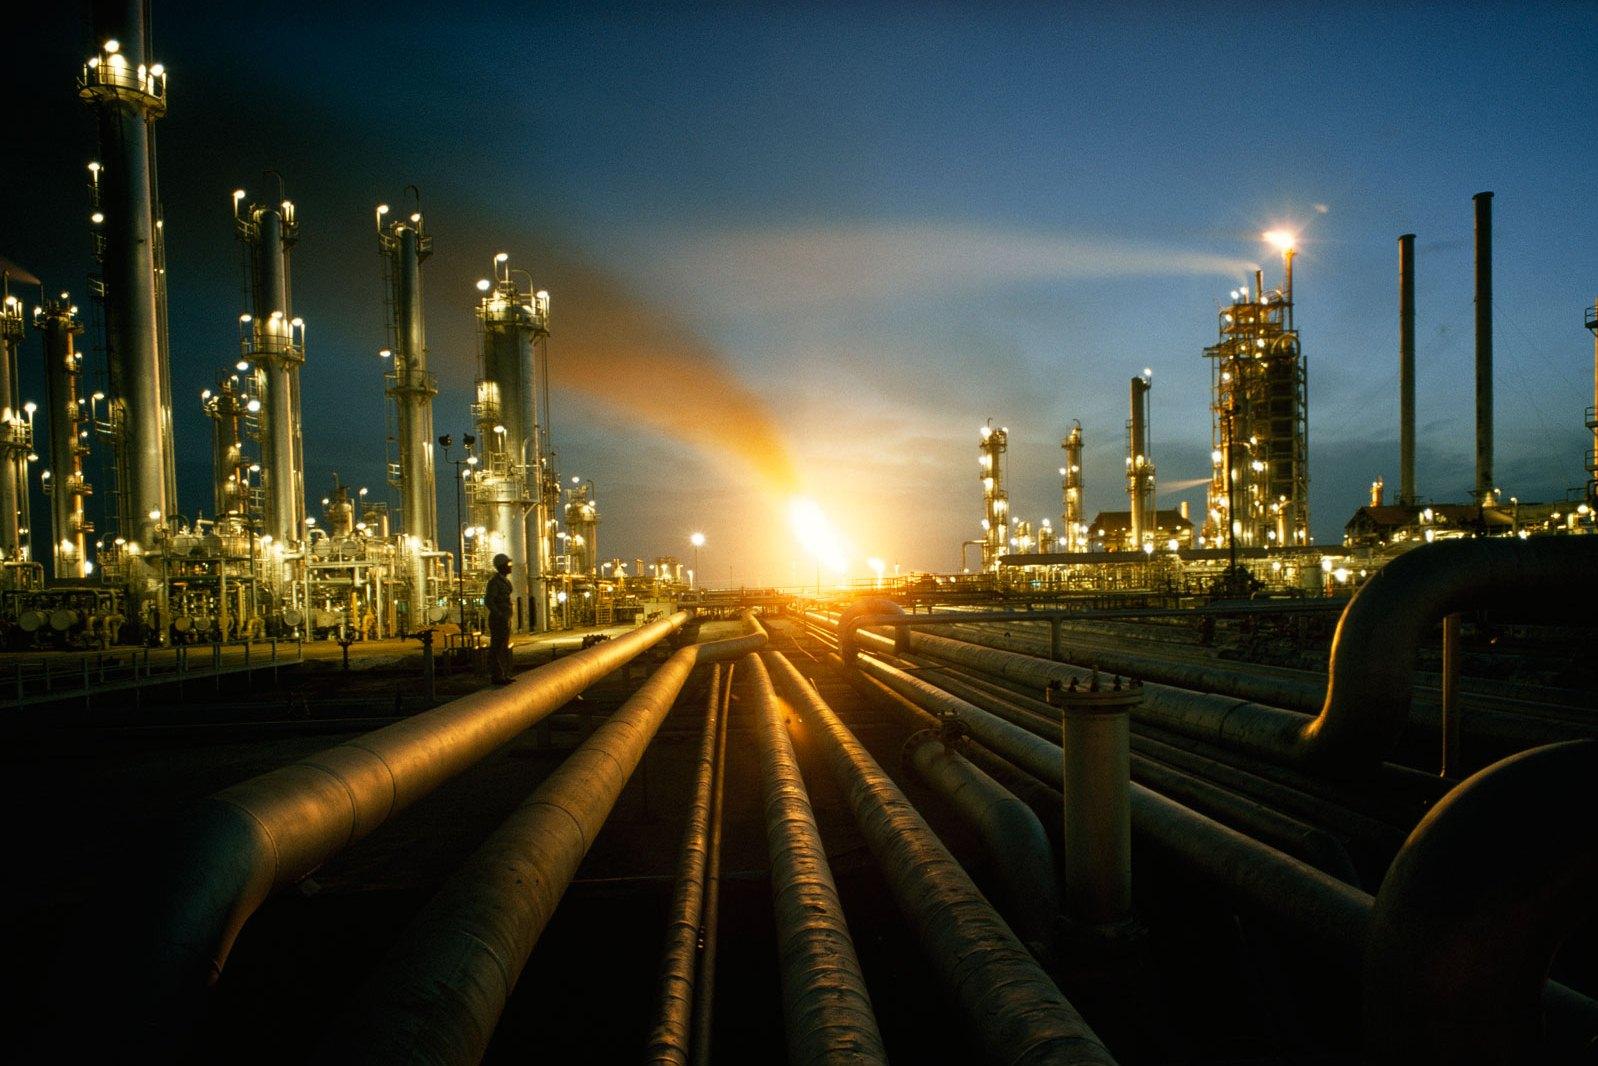 Minyak saat ini menyumbang lebih dari 90 persen pendapatan Arab Saudi | Foto : TheMiddleEastMagazine